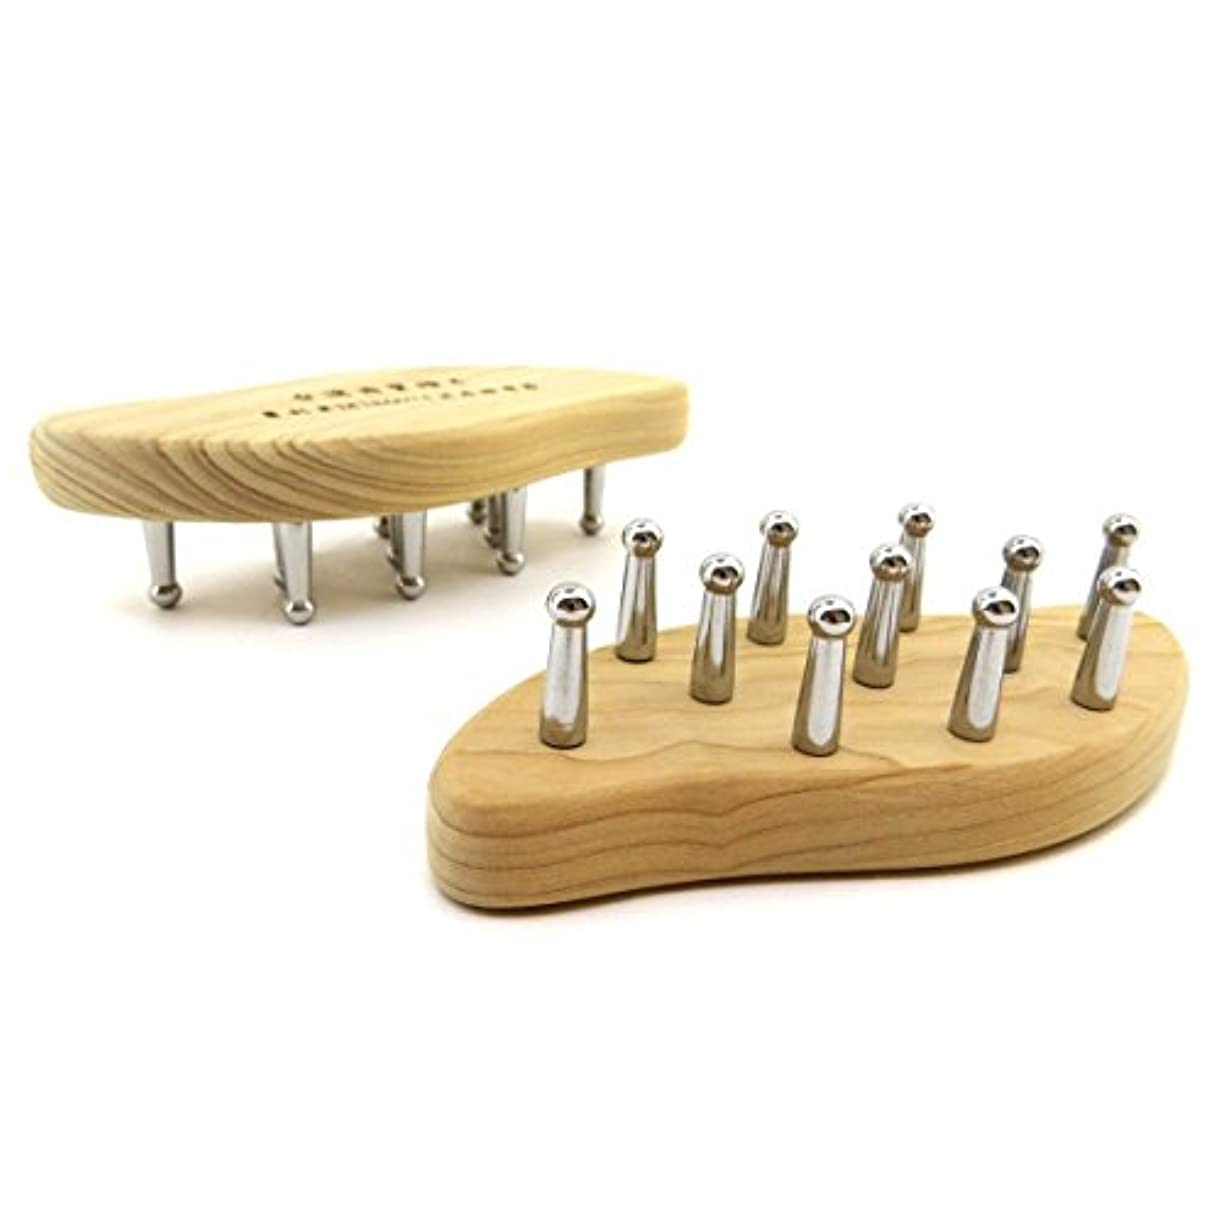 差感動する一回かっさ 無痕かっさ板 S型 手づかみタイプ 台湾檜木製 かっさプレート